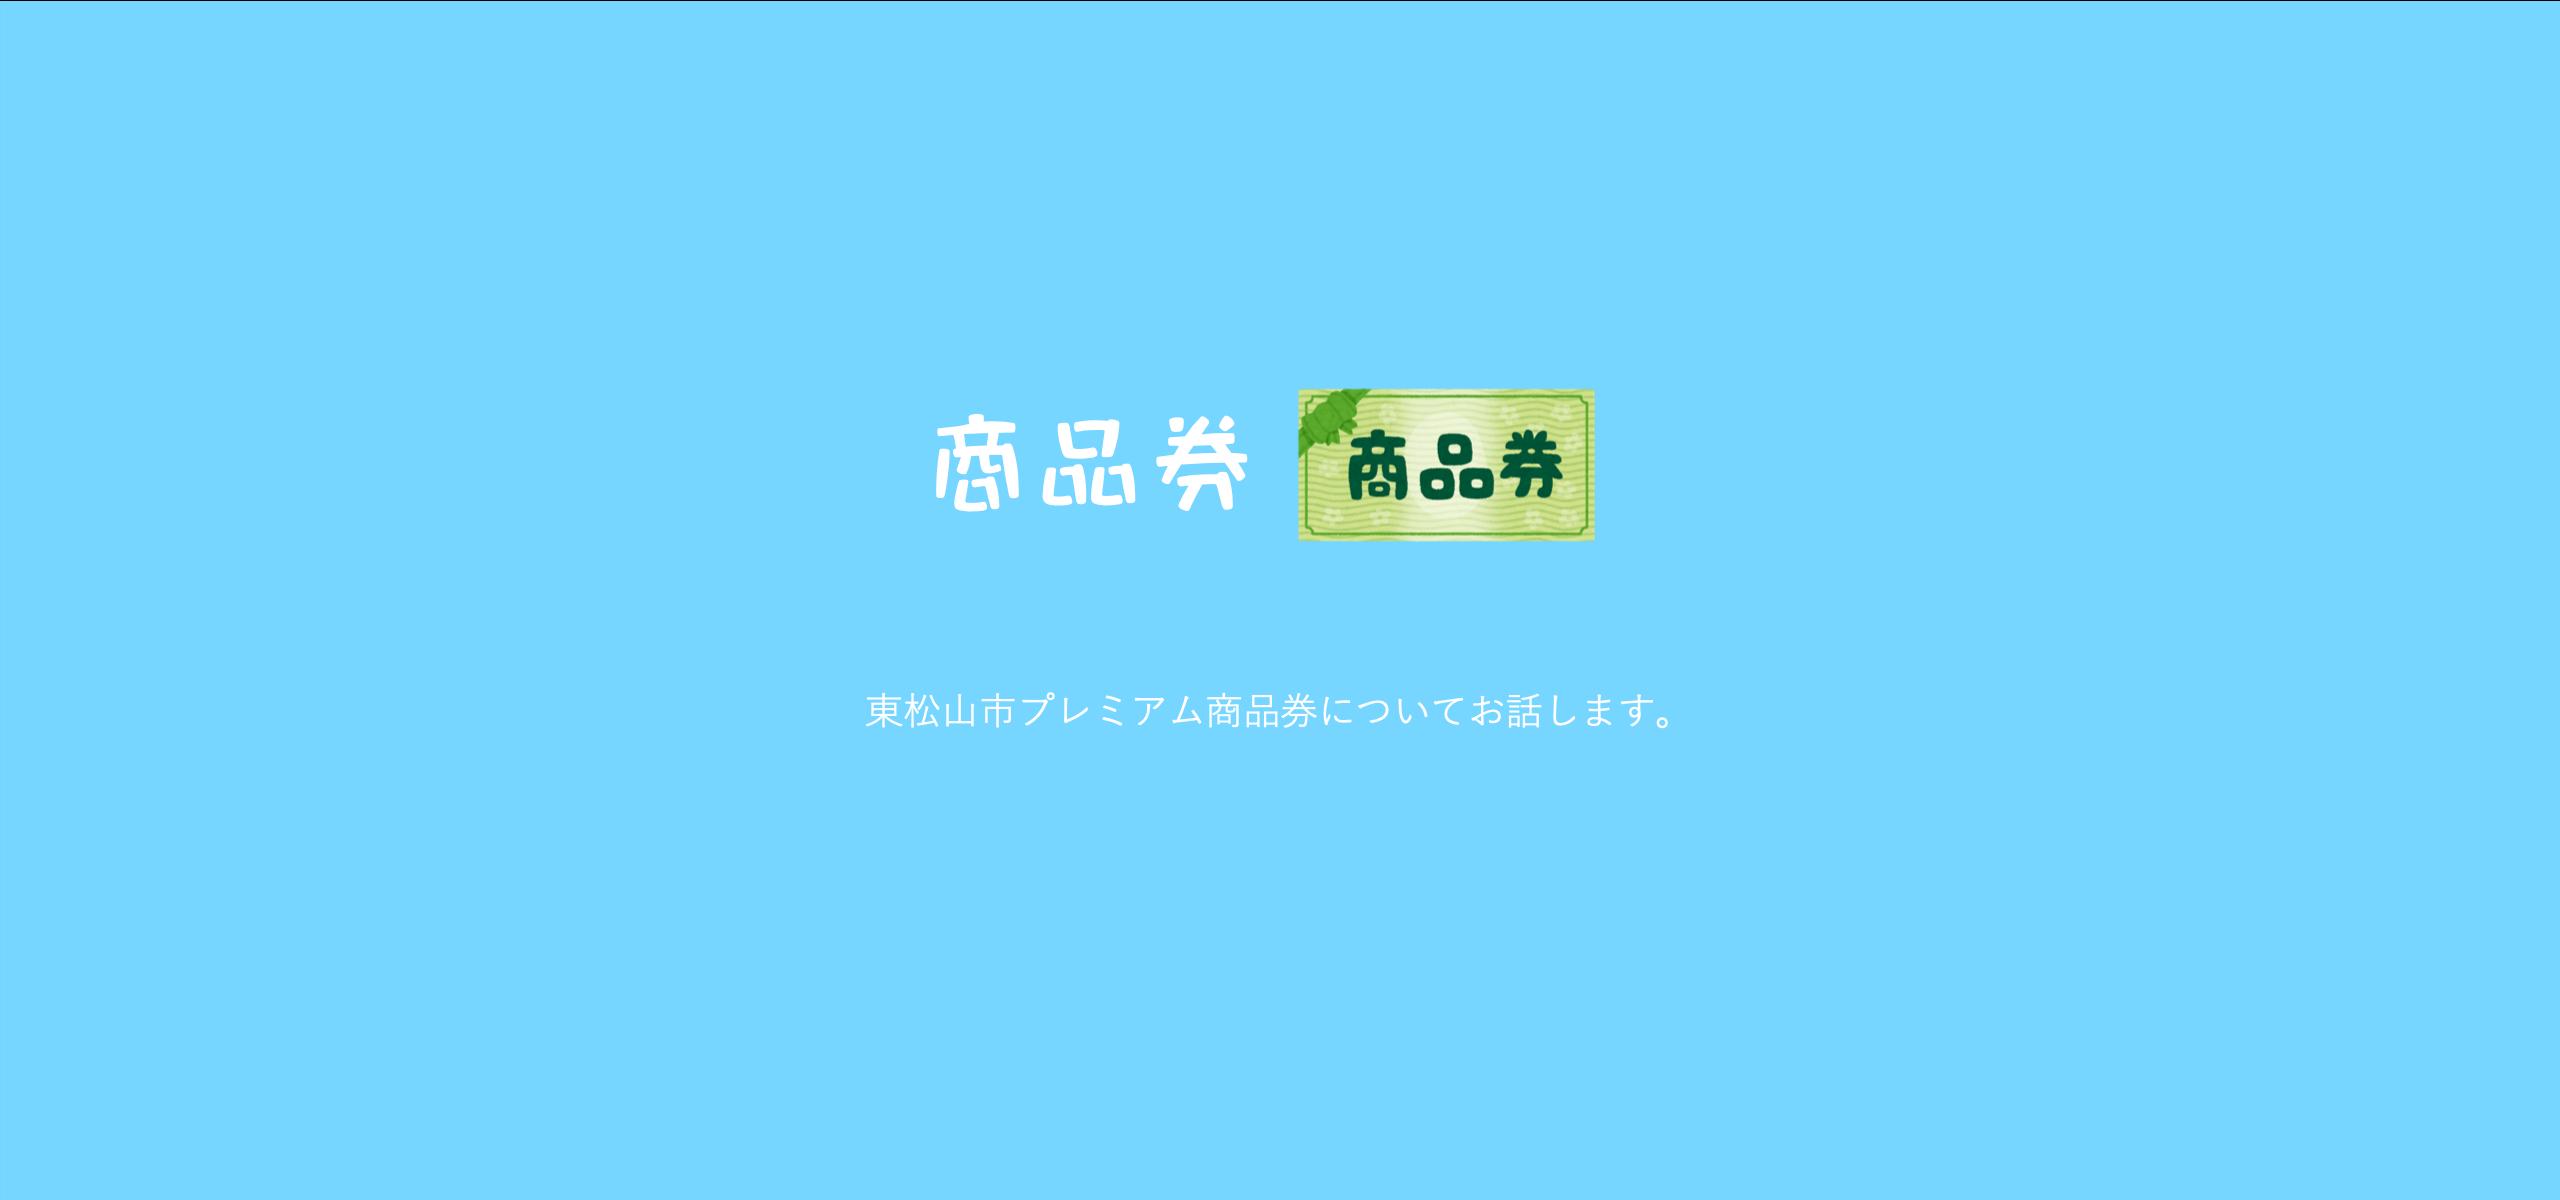 東松山市 プレミアム付商品券始まります!